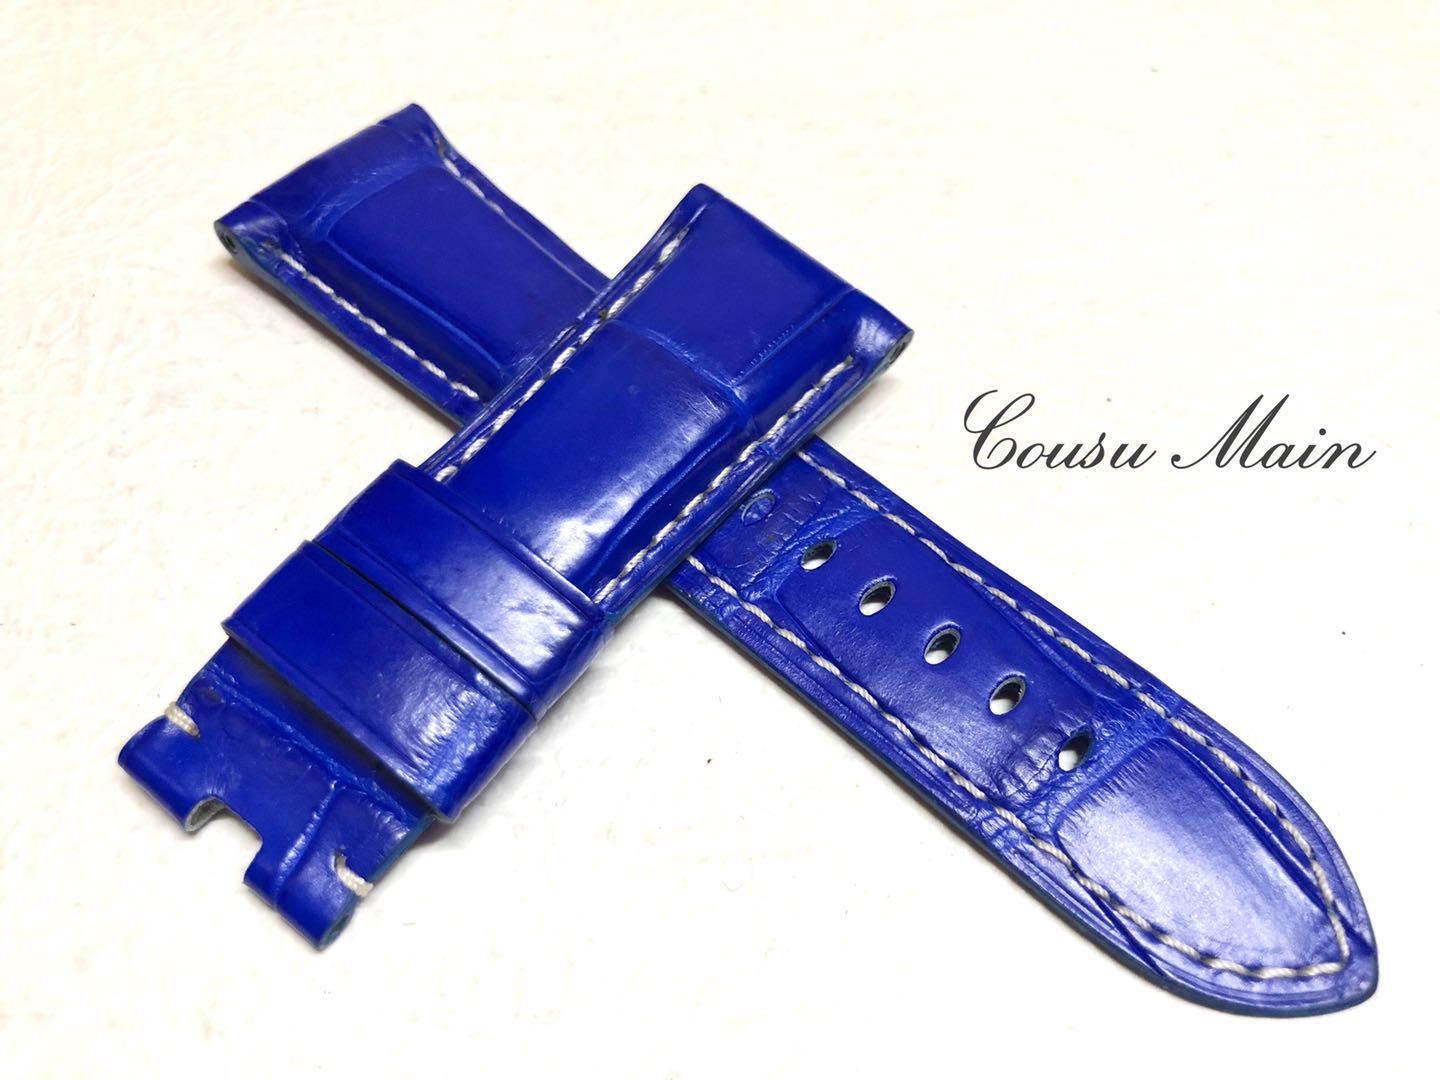 【CousuMain】26mm-22mm  クロコダイル クロコベルト 両面 手縫い Dバックル用 クロコ時計ベルト(PANERAI パネライ 47mmケース)向 R461